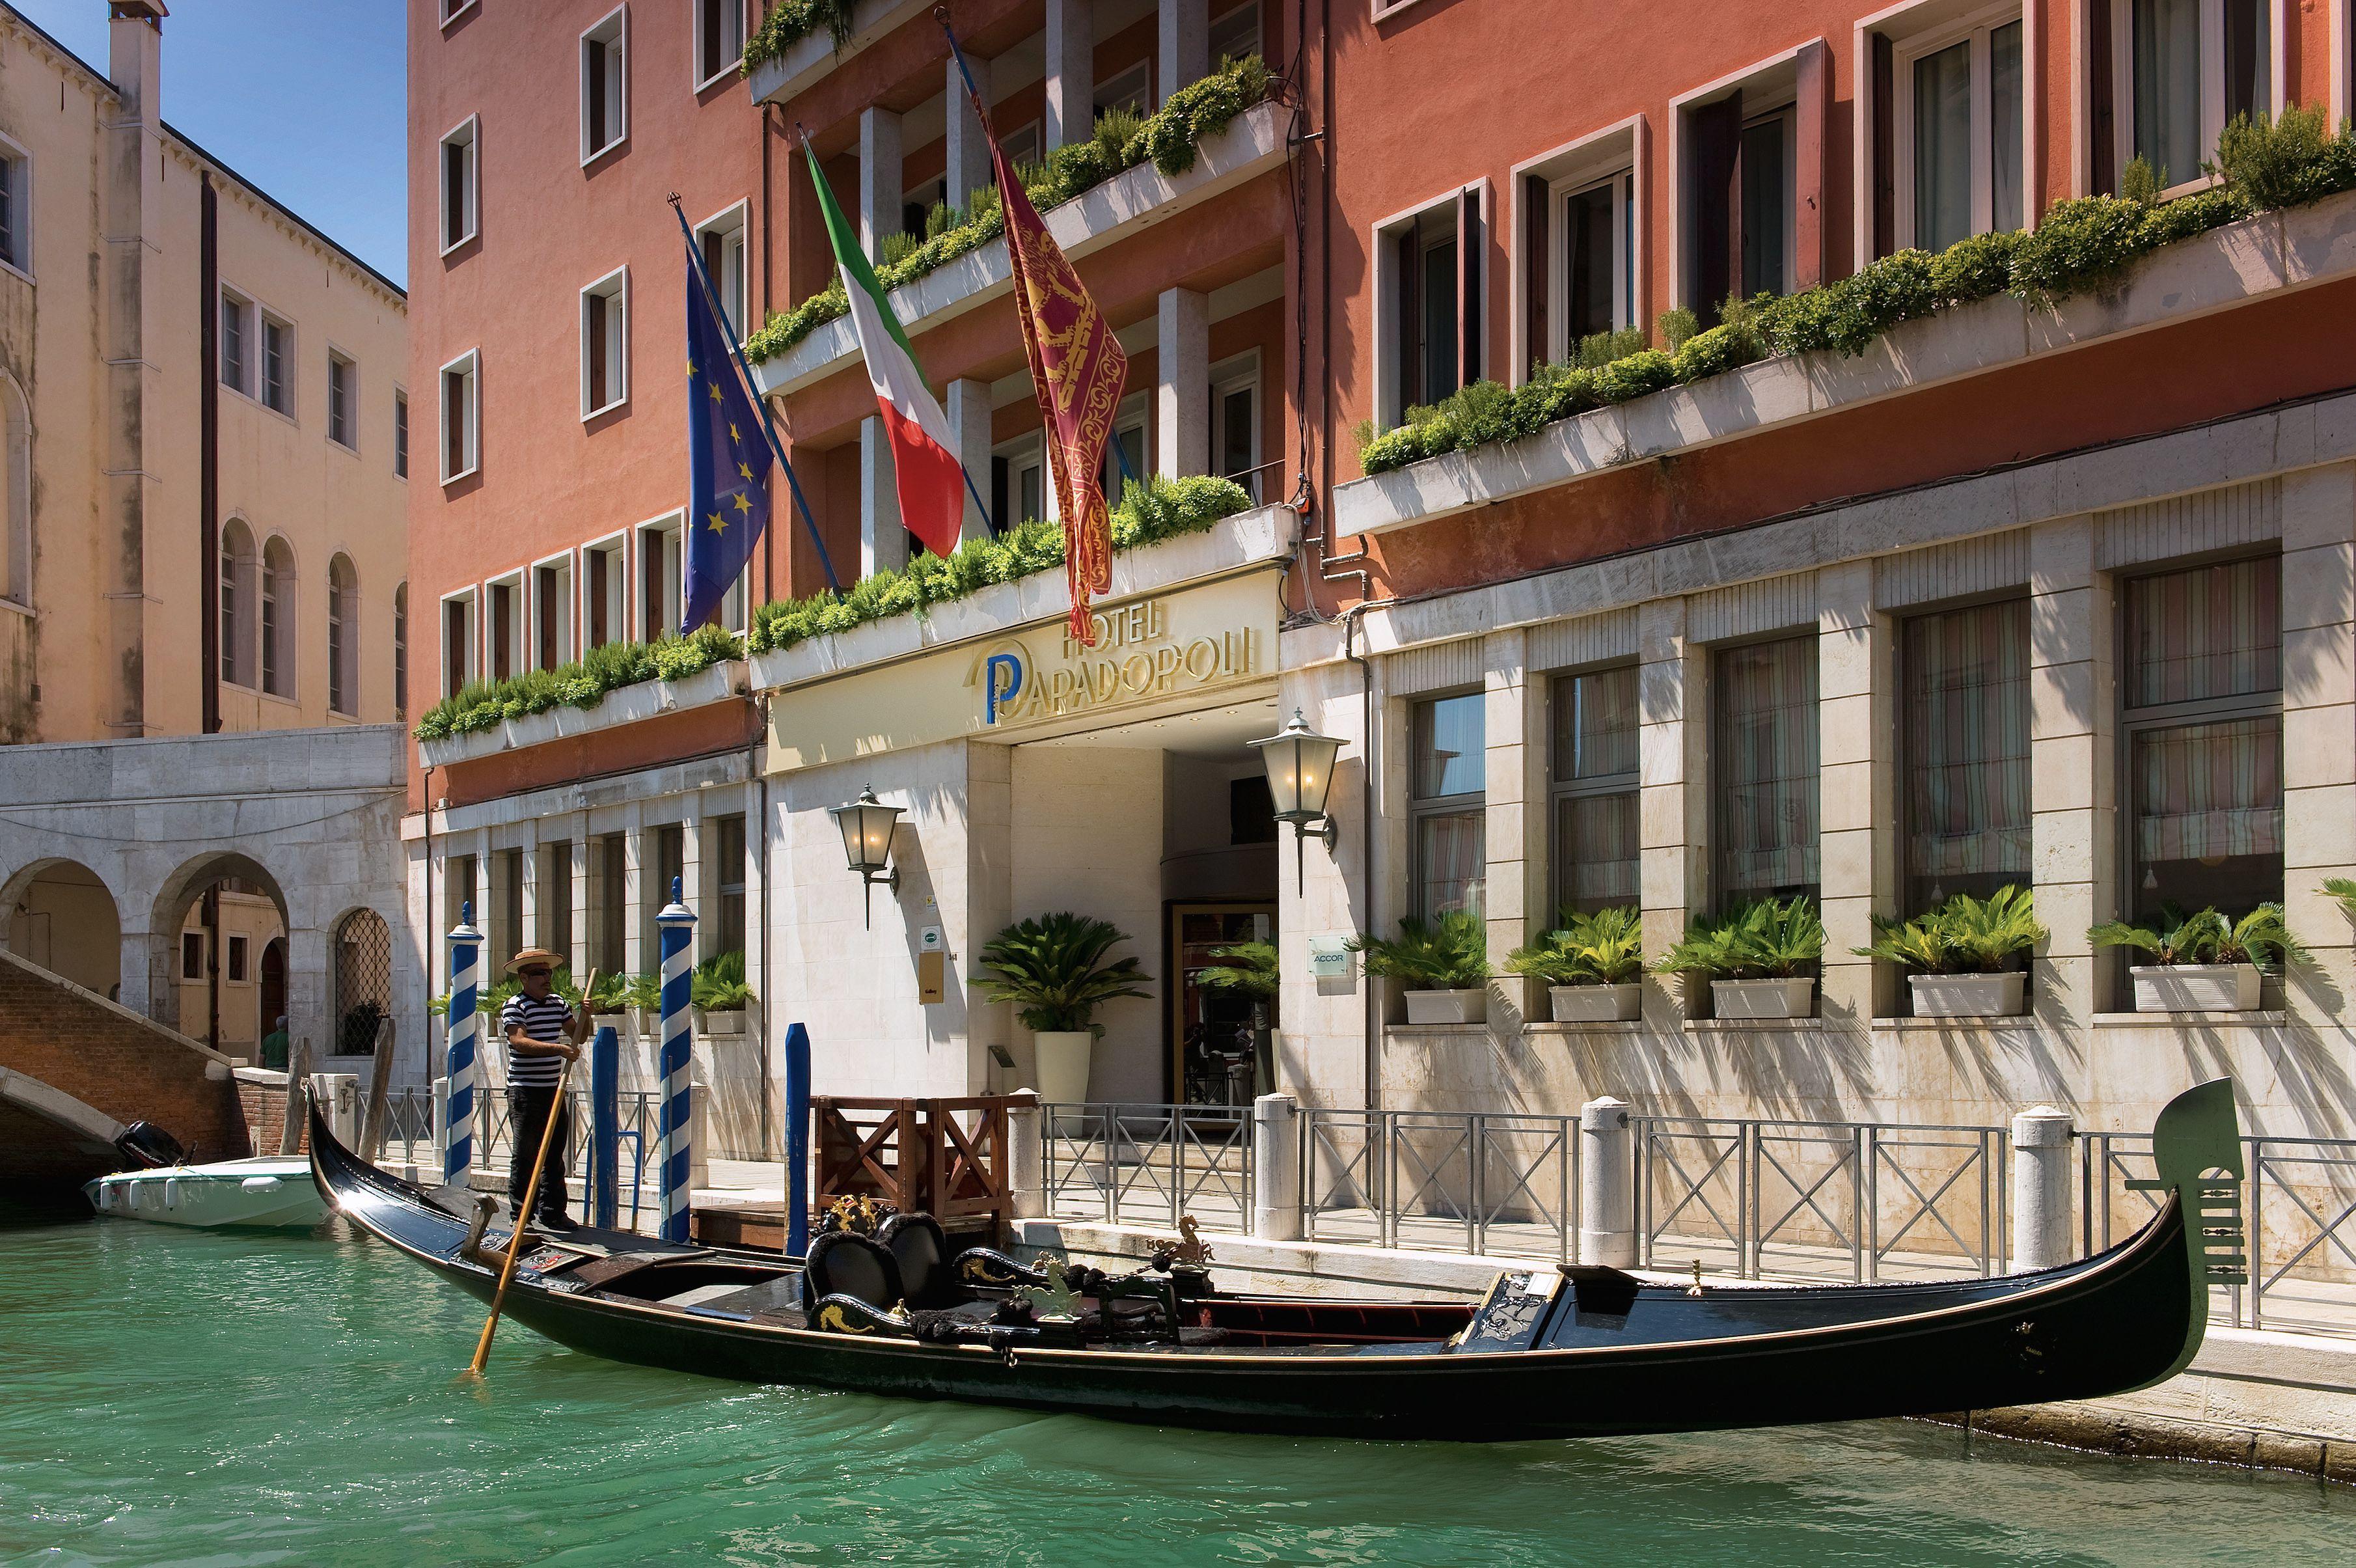 Good-value hotel in Venice: MGallery Hotel Papadopoli Venice